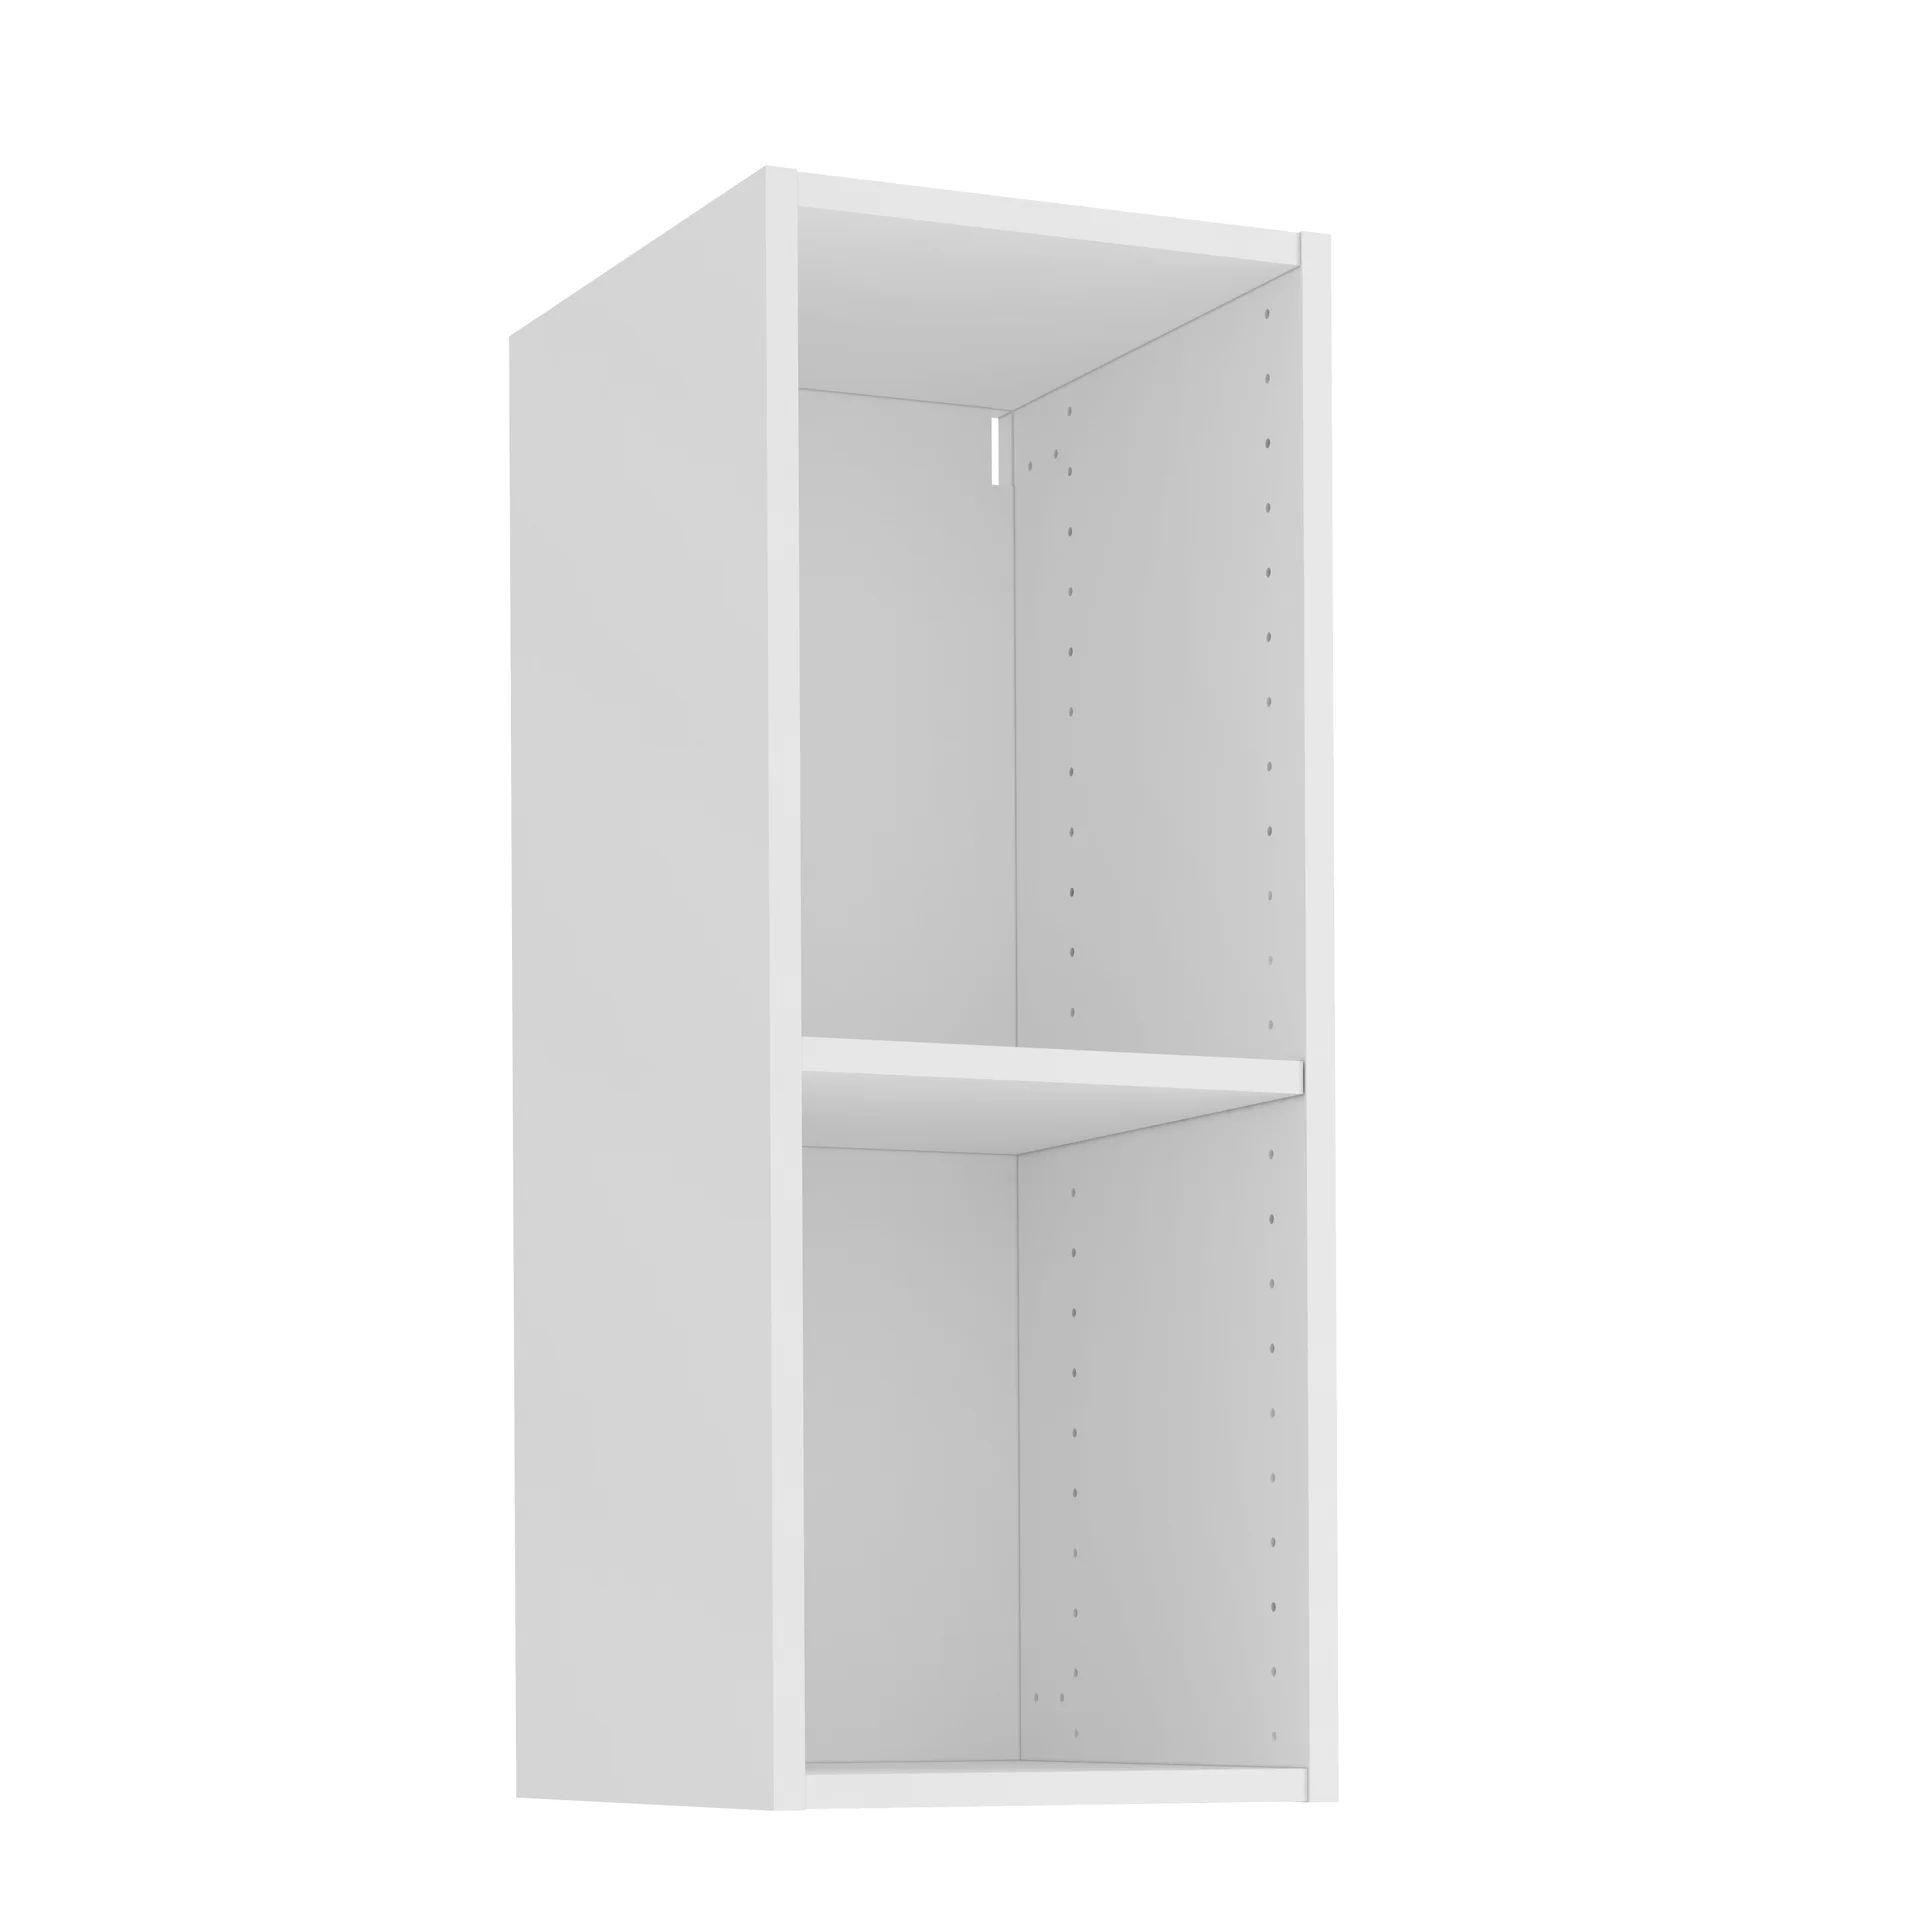 caisson de cuisine haut delinia id blanc h 76 8 x l 30 x p 35 cm